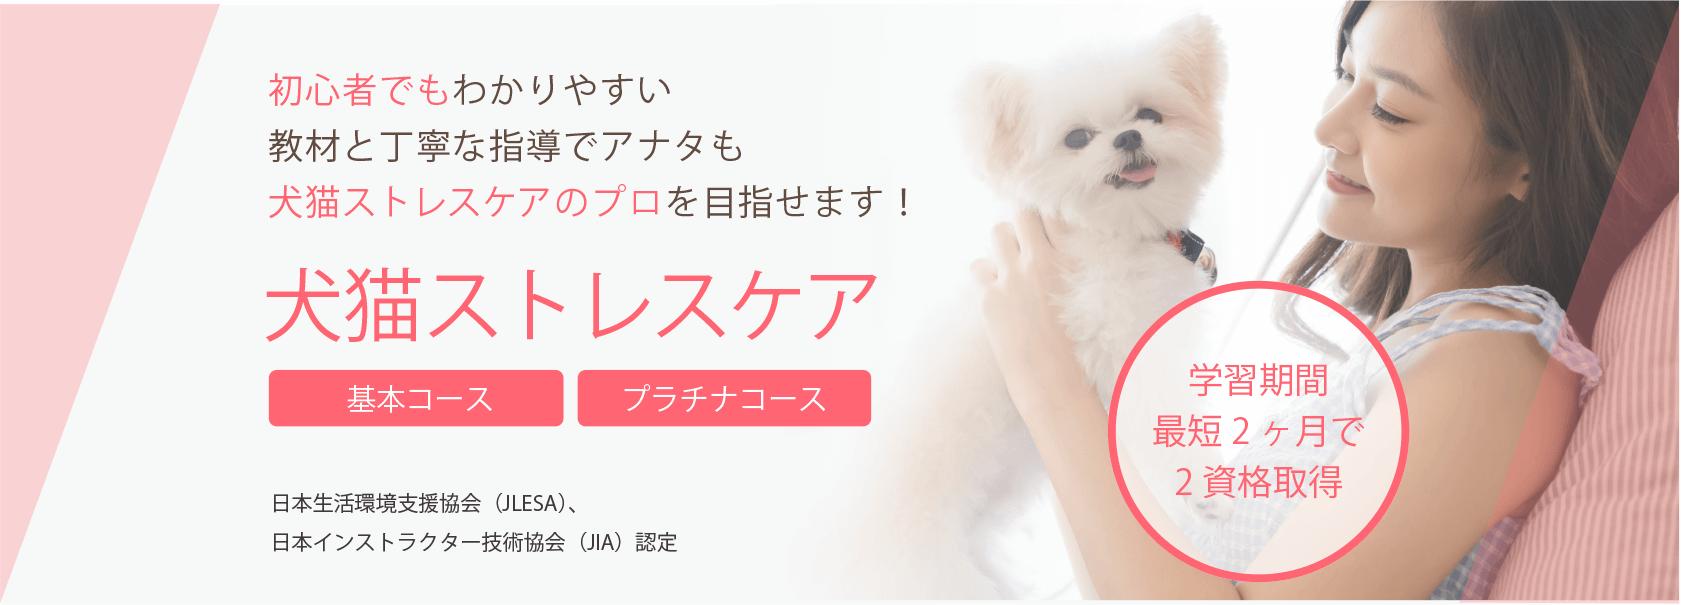 犬猫ストレスケア資格 検定取得の通信講座 通信教育 Saraスクール